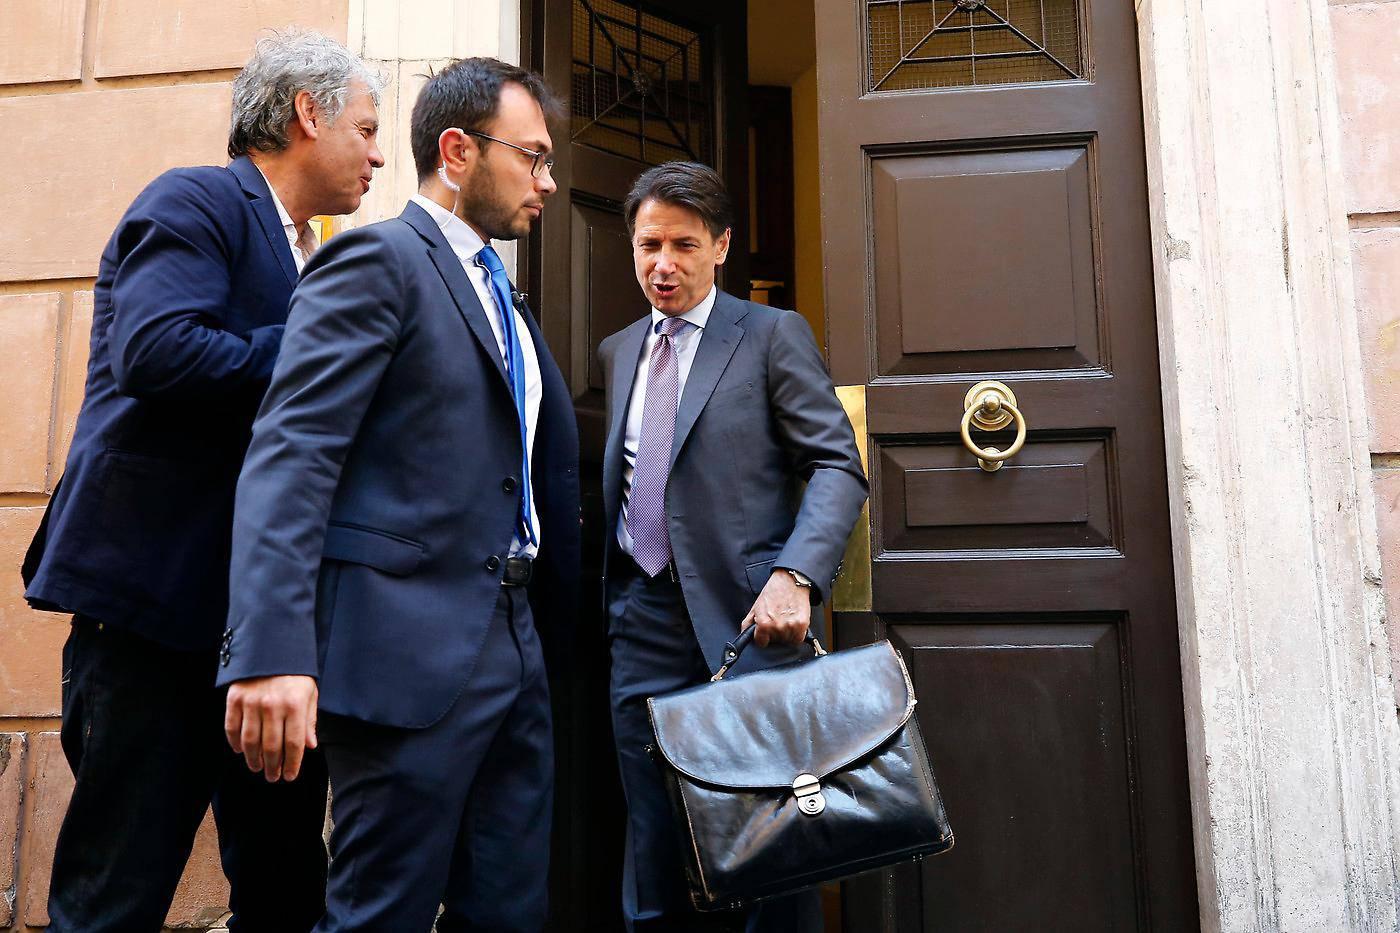 Scontro tra dipendenti e funzionari di Palazzo Chigi: sindacati portano in tribunale Presidenza del Consiglio - Leggilo.org